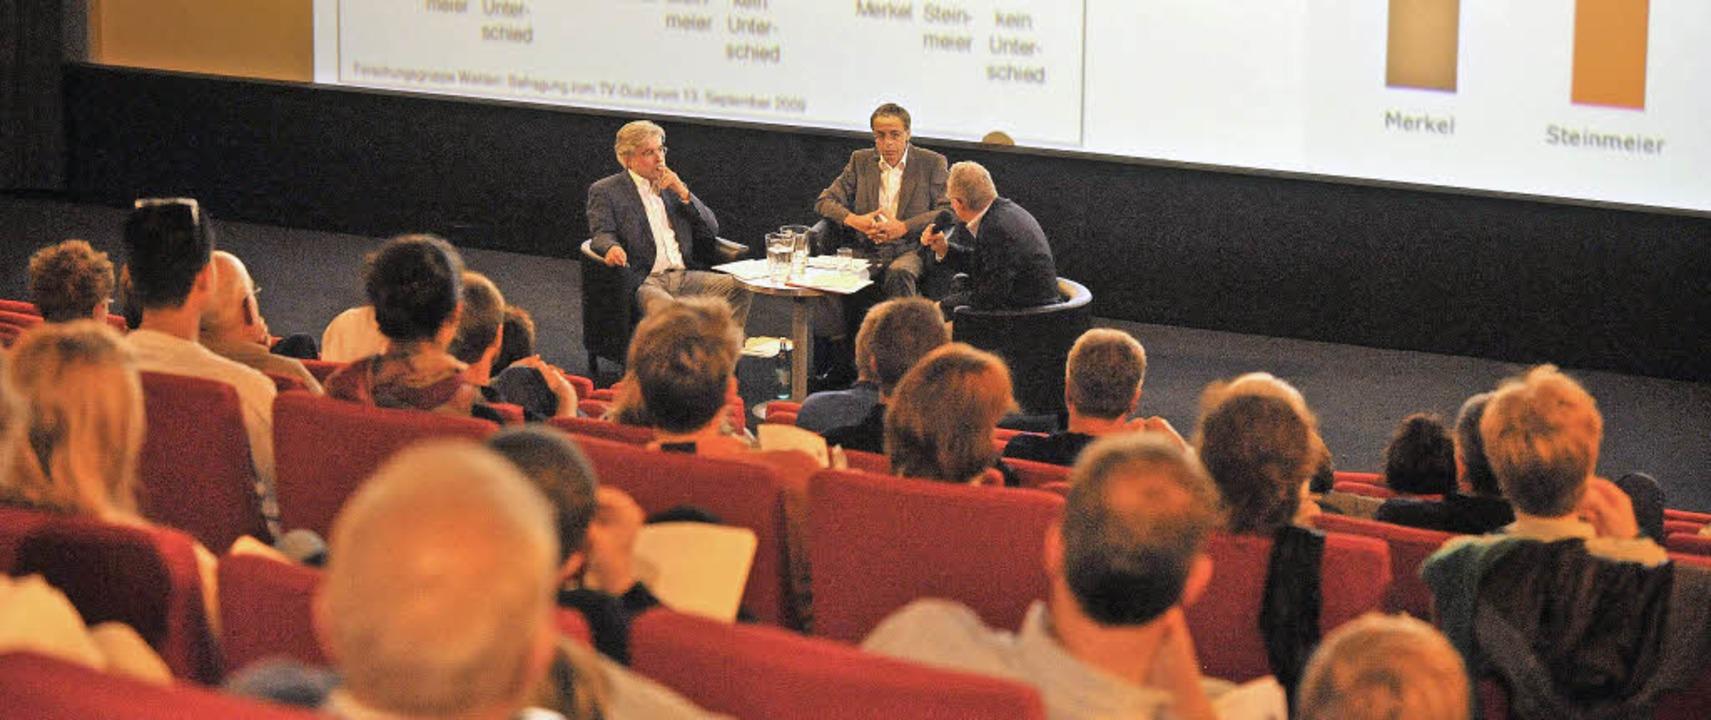 Public Viewing mit Diskussion: BZ-Chef...tische Bildung (wir berichten noch).    | Foto: rita Eggstein/DPA (2)